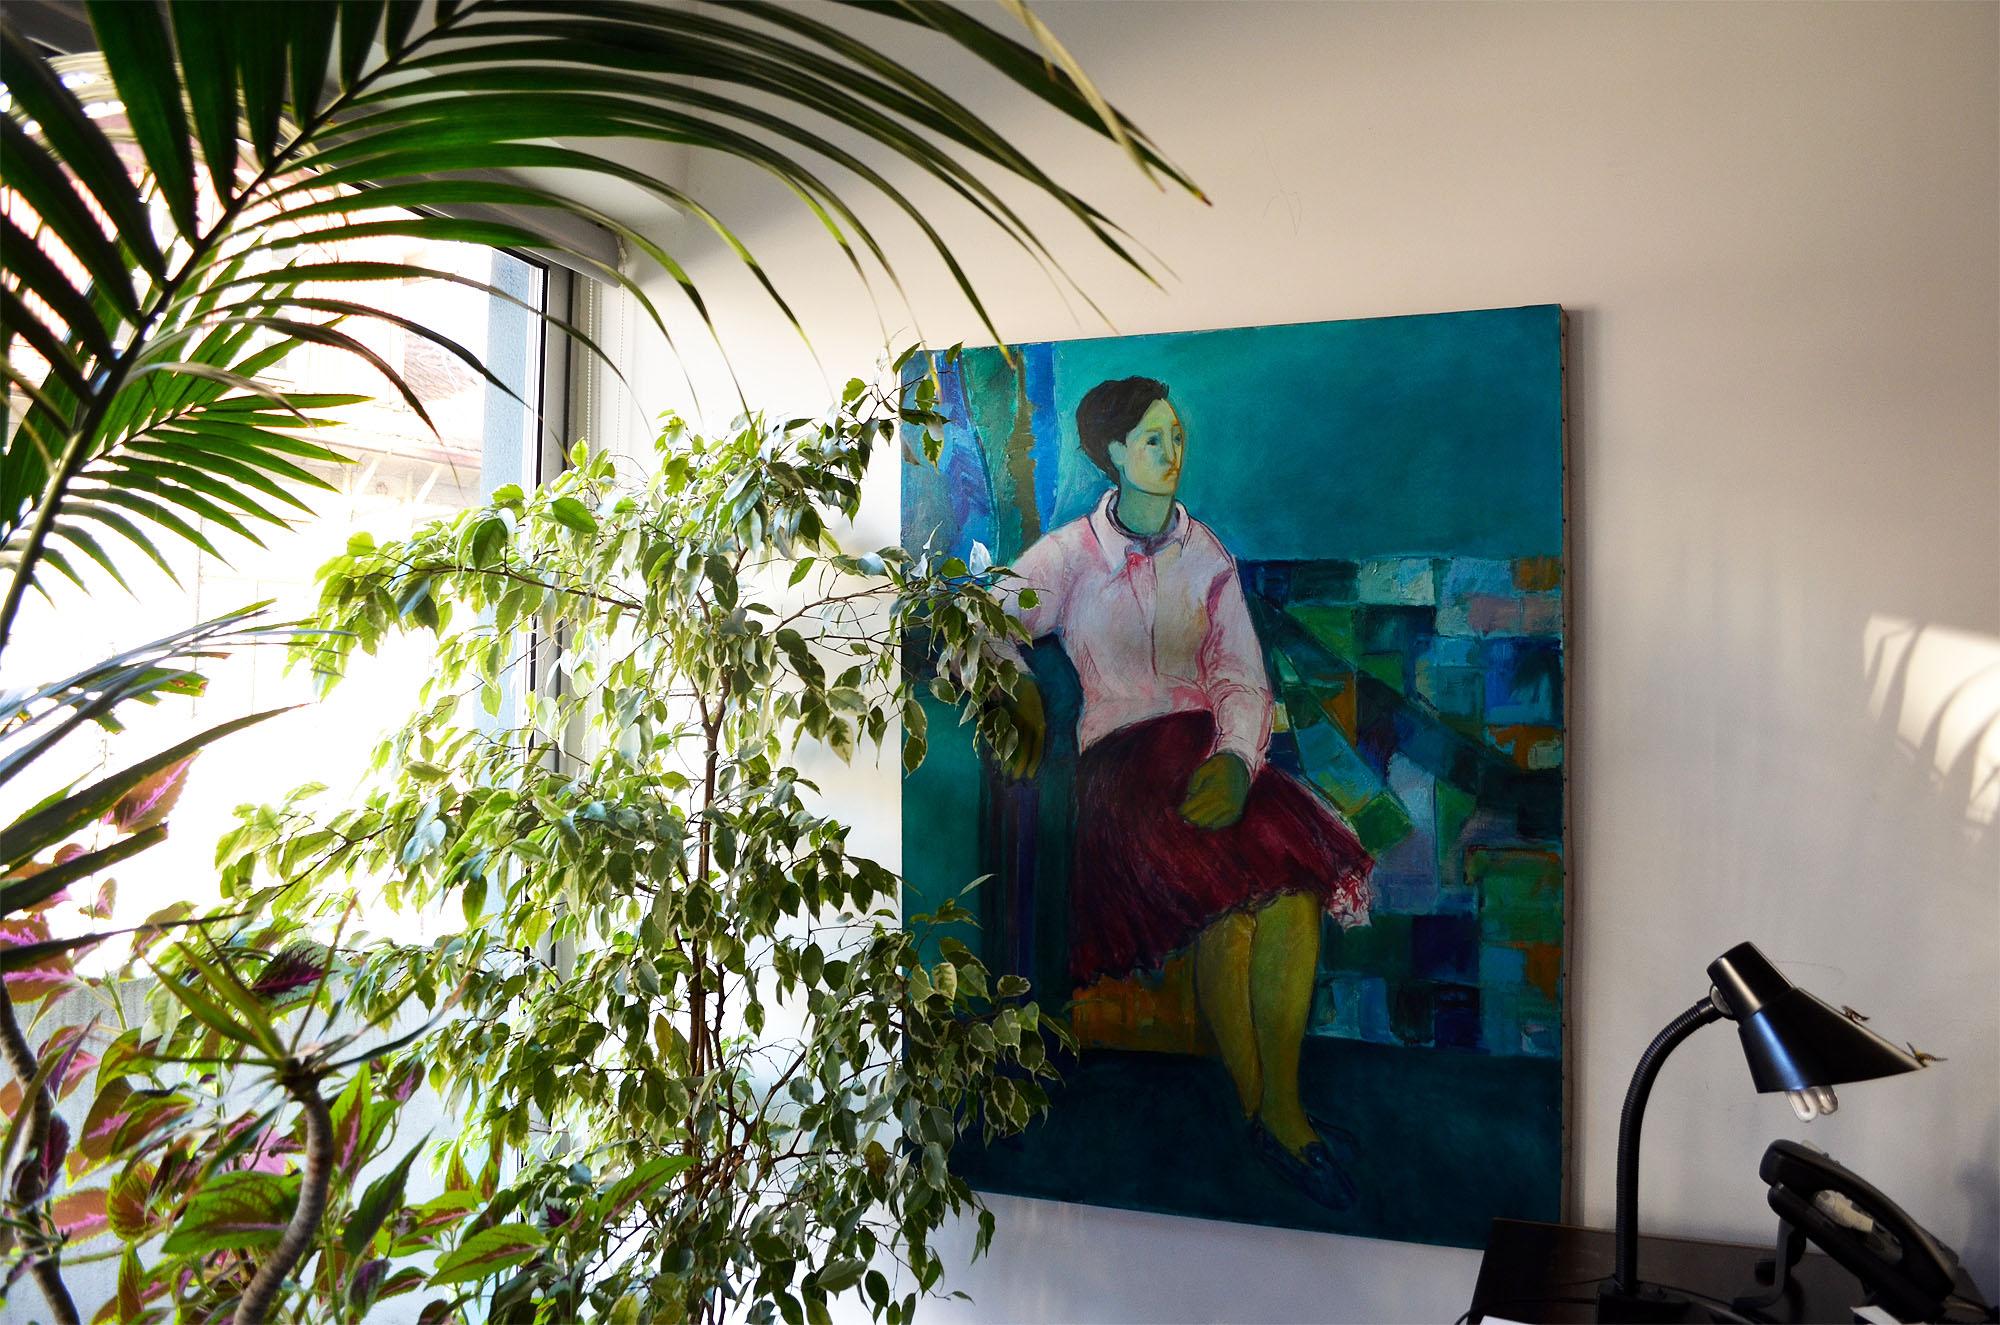 Plantas e obras de arte feitas por alunos da UP pontuam o ambiente do gabinete de Adelaide Telles.